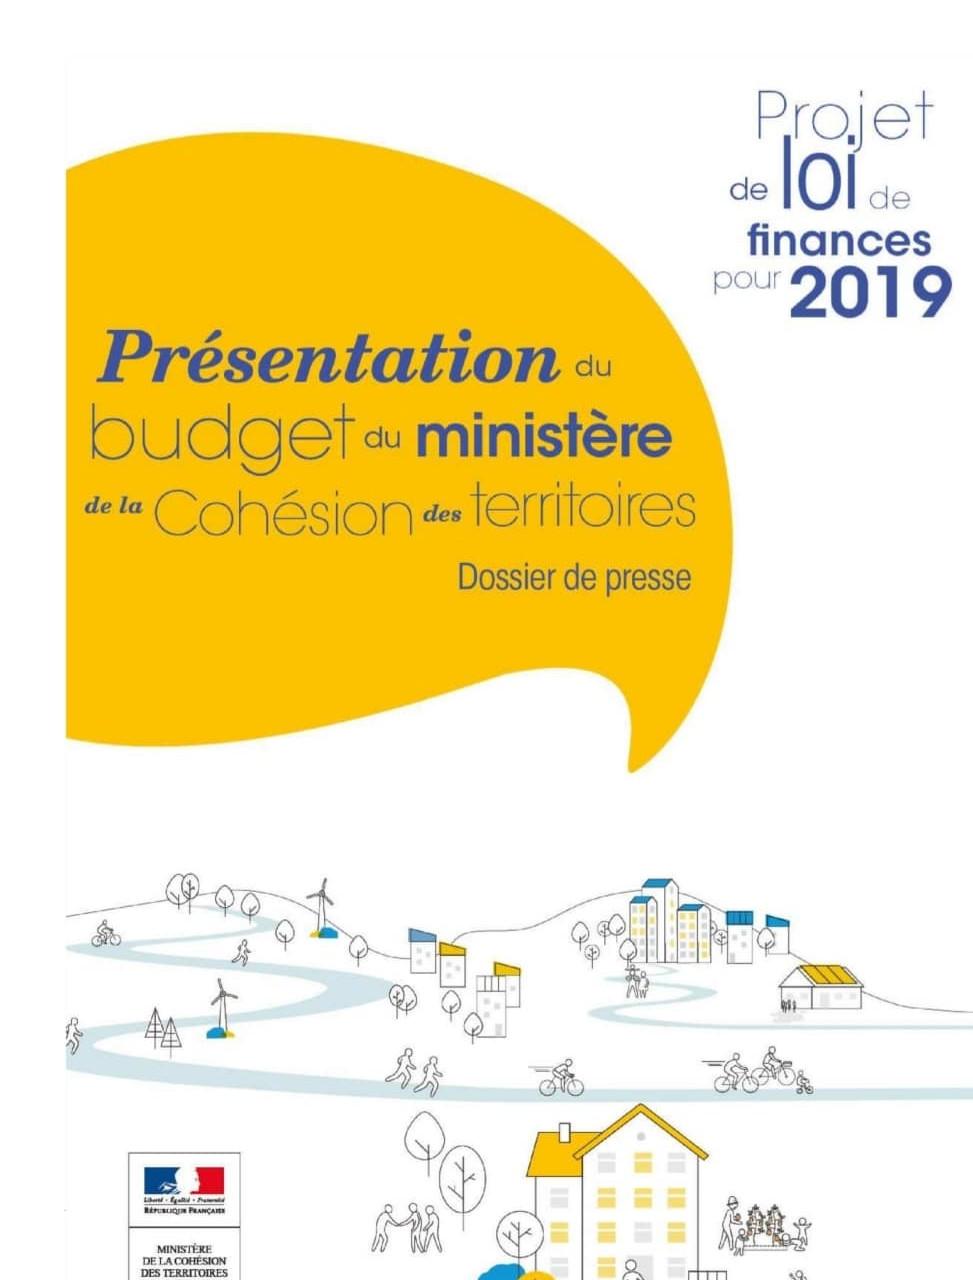 Présentationdu_budget_du_ministère_de_l